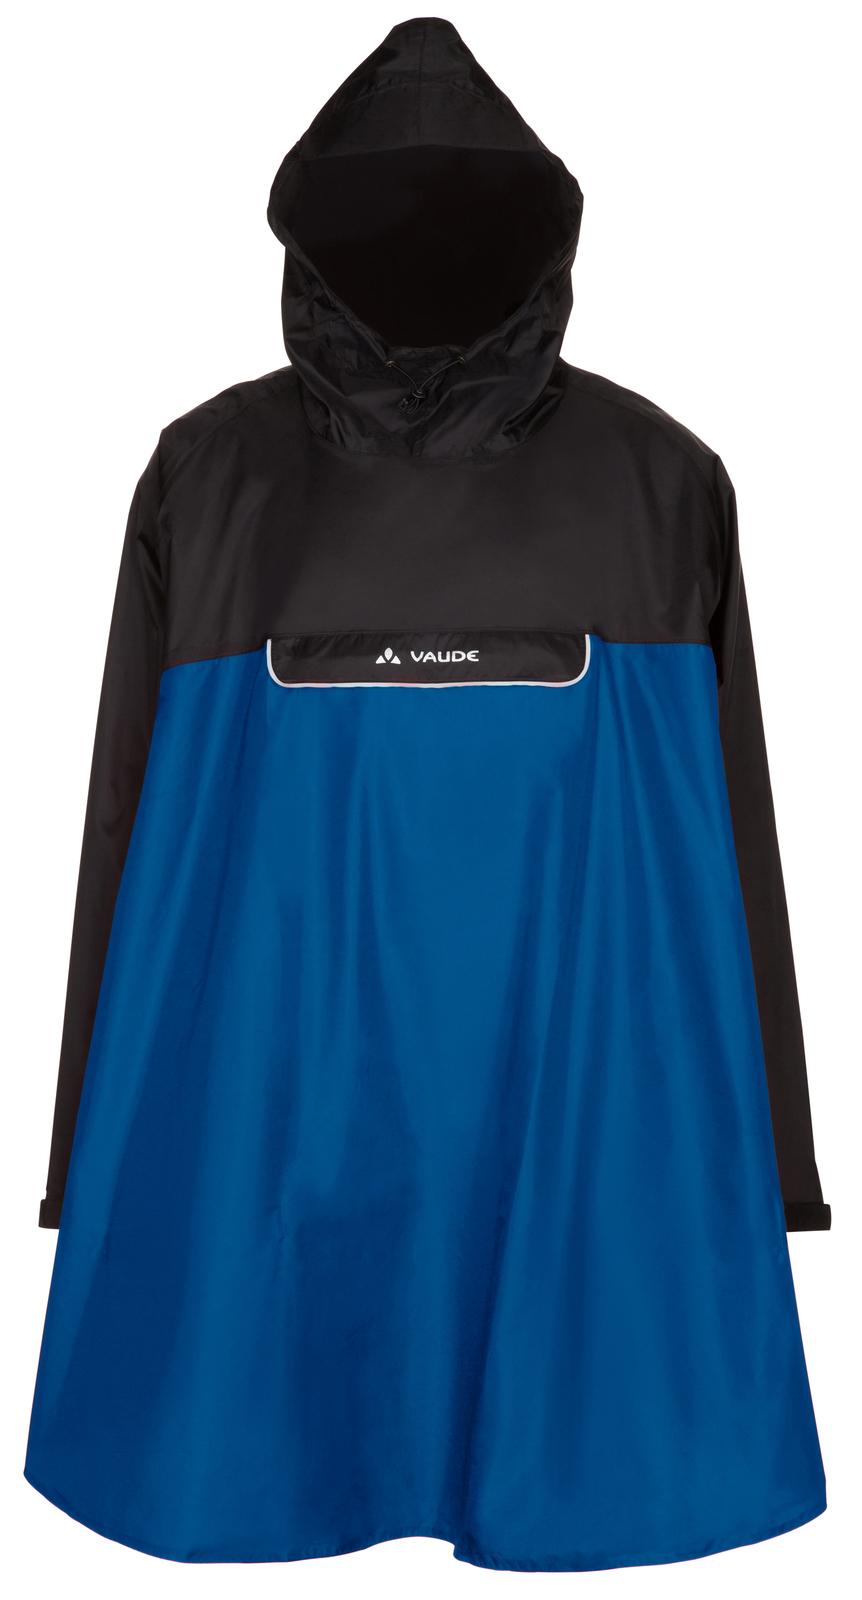 VAUDE Valero Poncho blue Größe M - schneider-sports